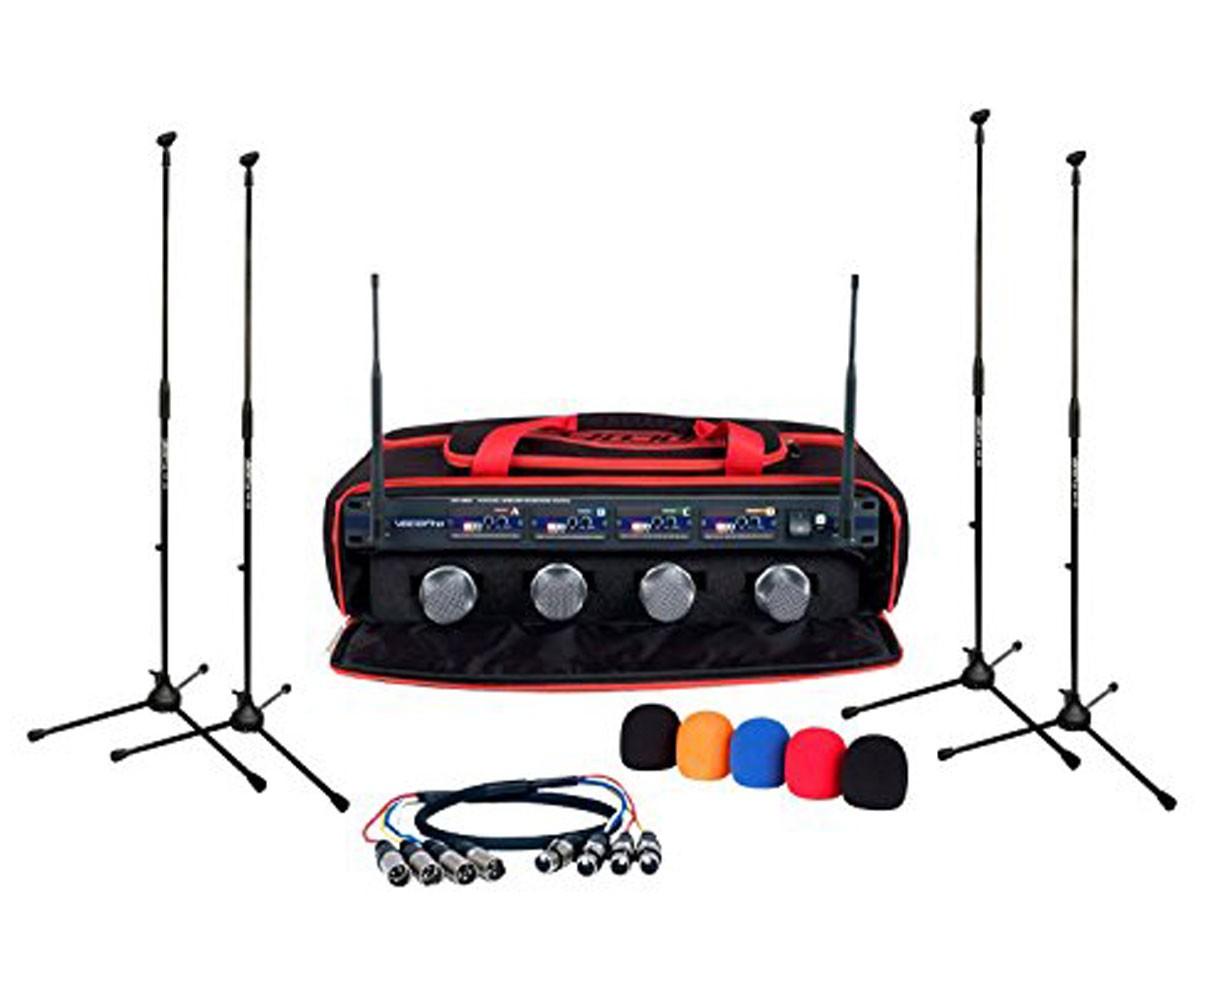 VocoPro UHF5800 XL